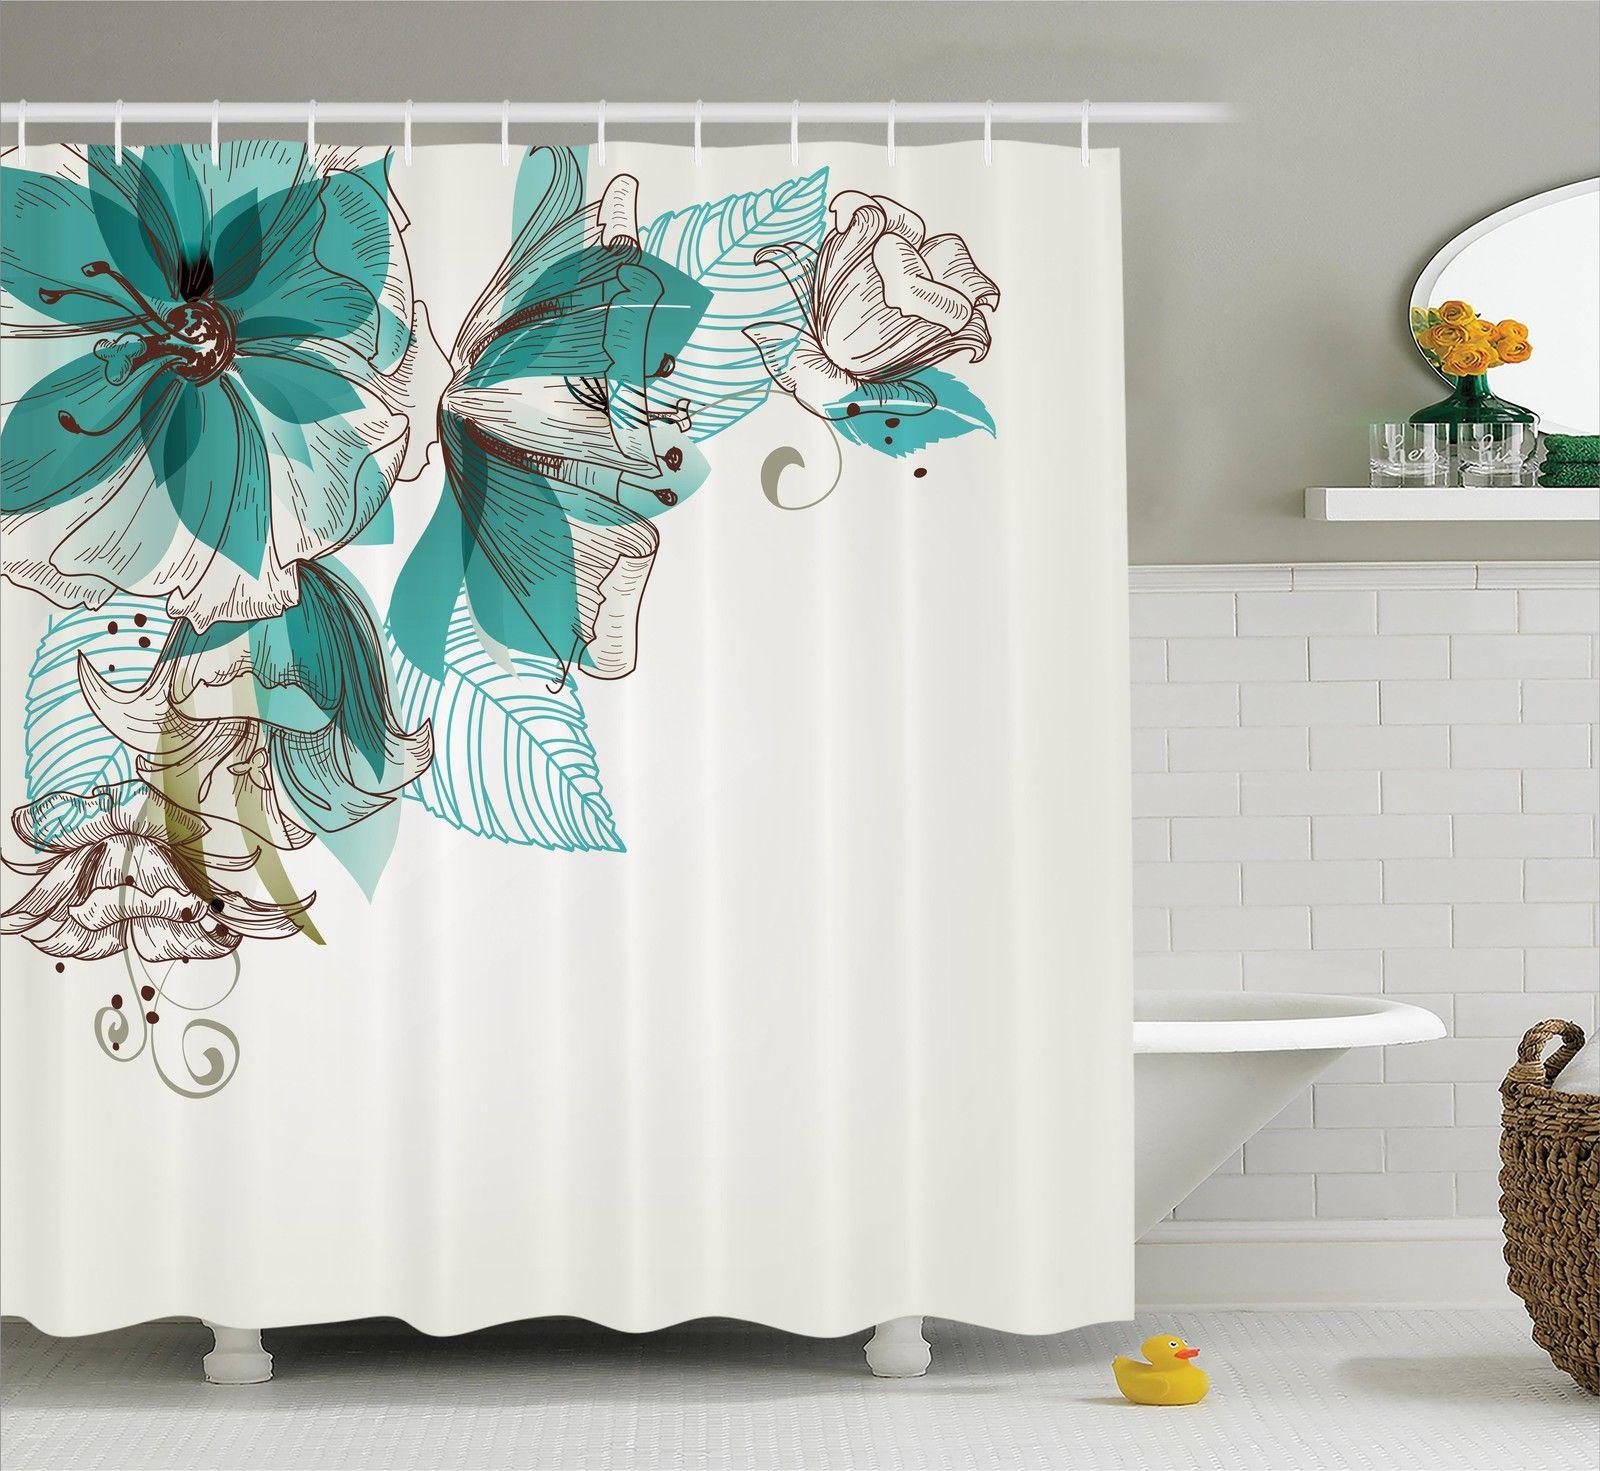 Shower Curtains At Kohls Flowers Buds Leaf